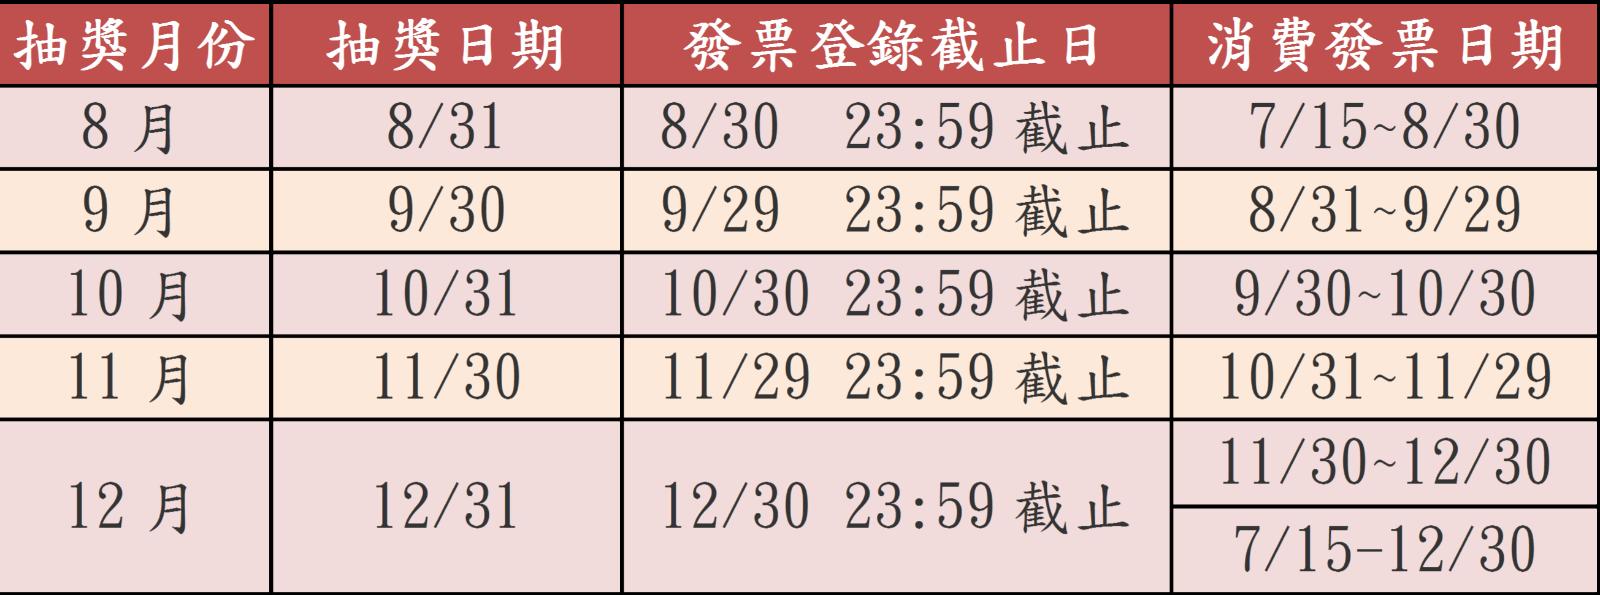 抽獎時間表